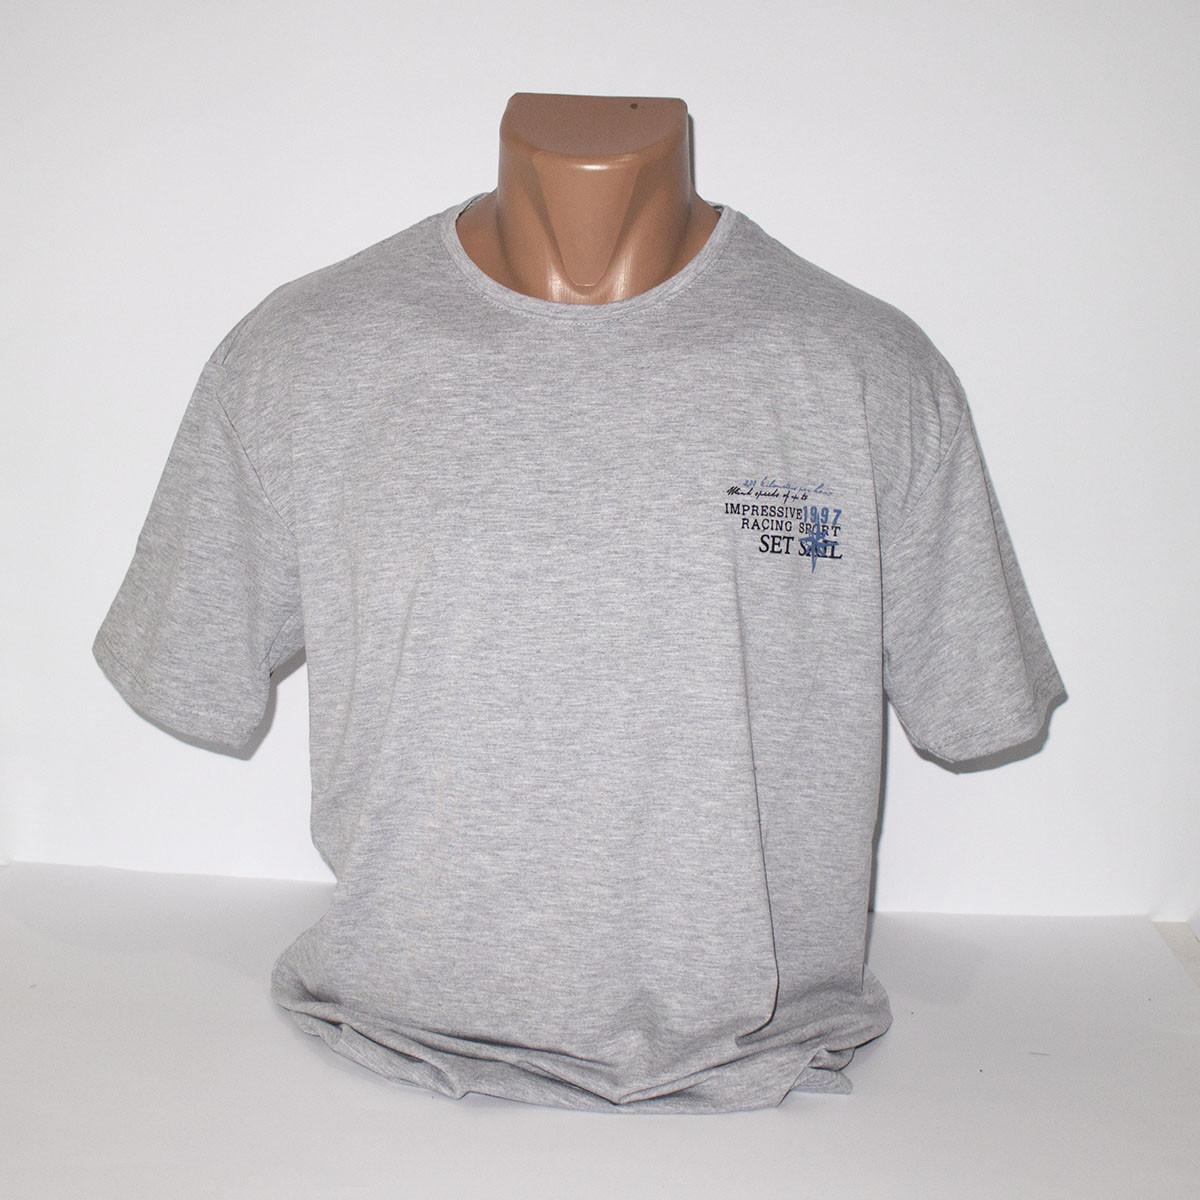 bb5bbbb97673 ... Турция 4092 оптом и в розницу, футболки и майки мужские по низким ценам  купить в интернет магазине Boulevard Odessa недорого от производителя.  699523074